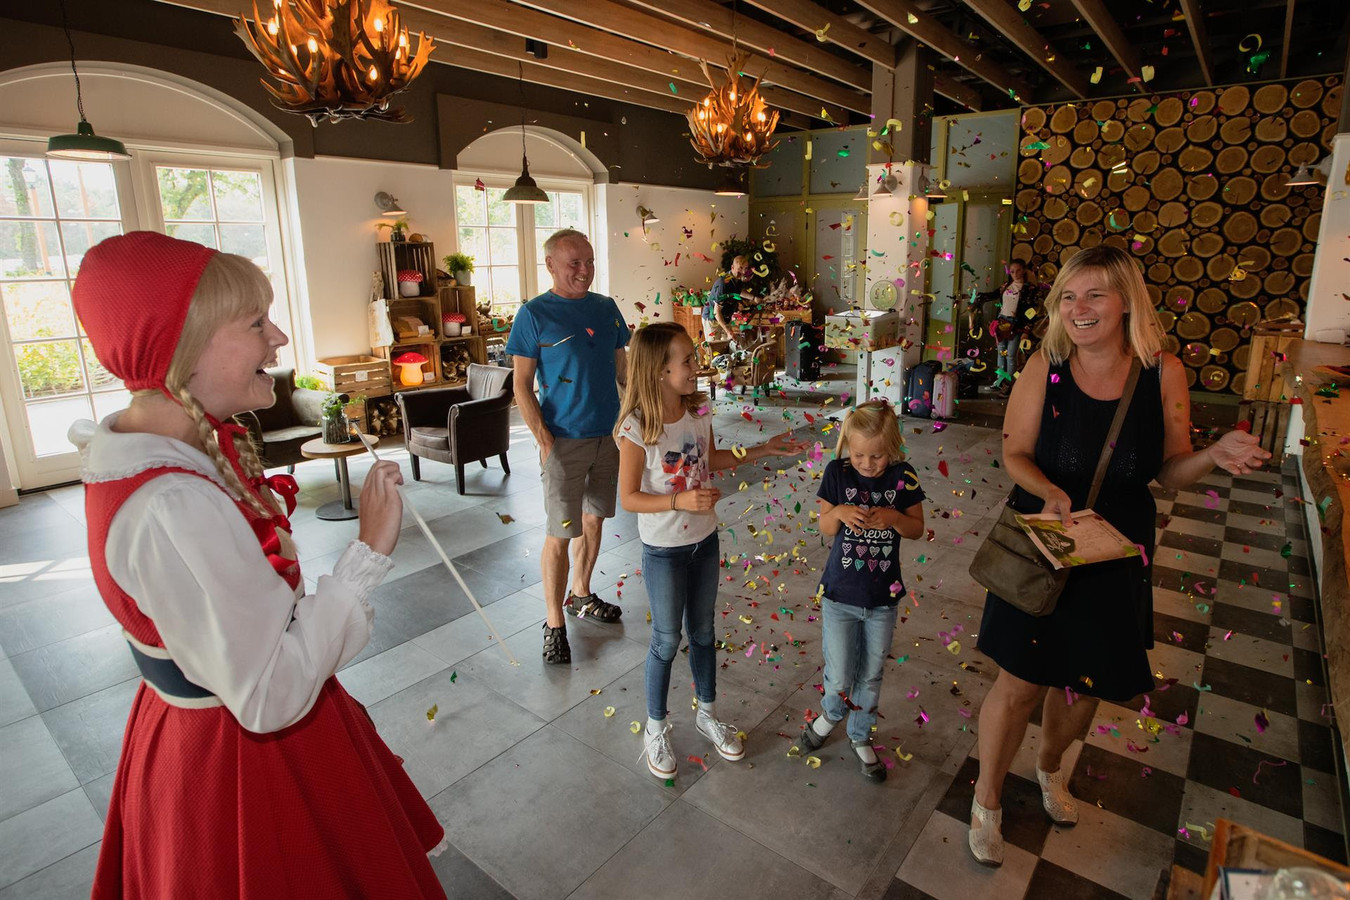 Het Vlaamse gezin werd bij binnenkomst verrast door Roodkapje.